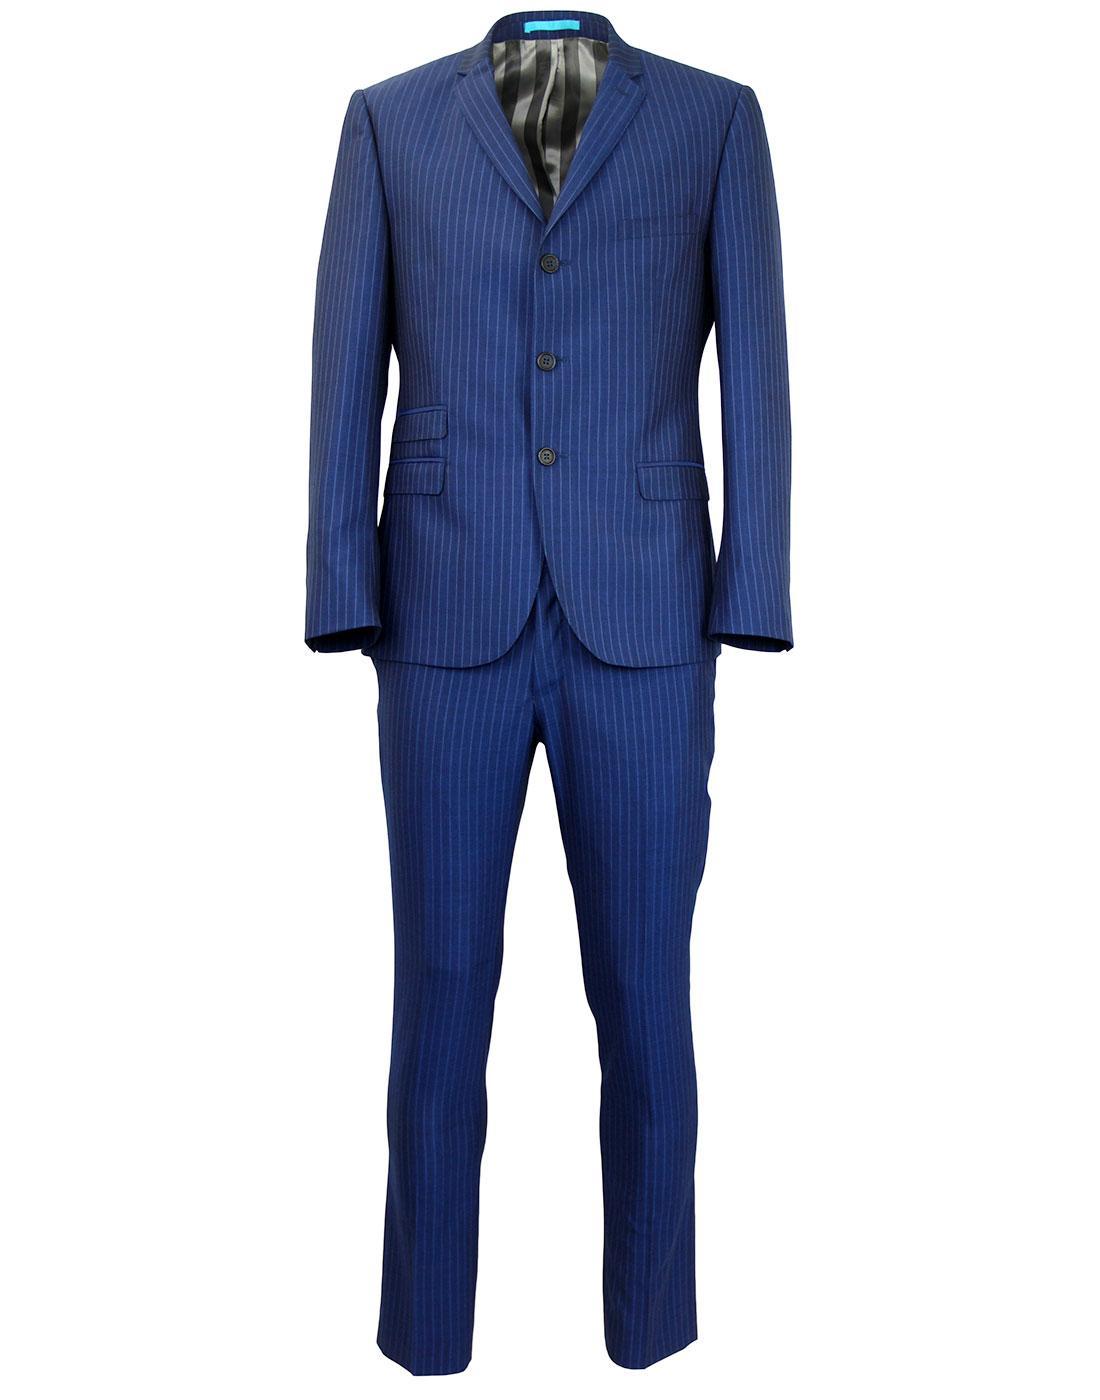 MADCAP ENGLAND Pinstripe 2 or 3 Piece Mod Suit